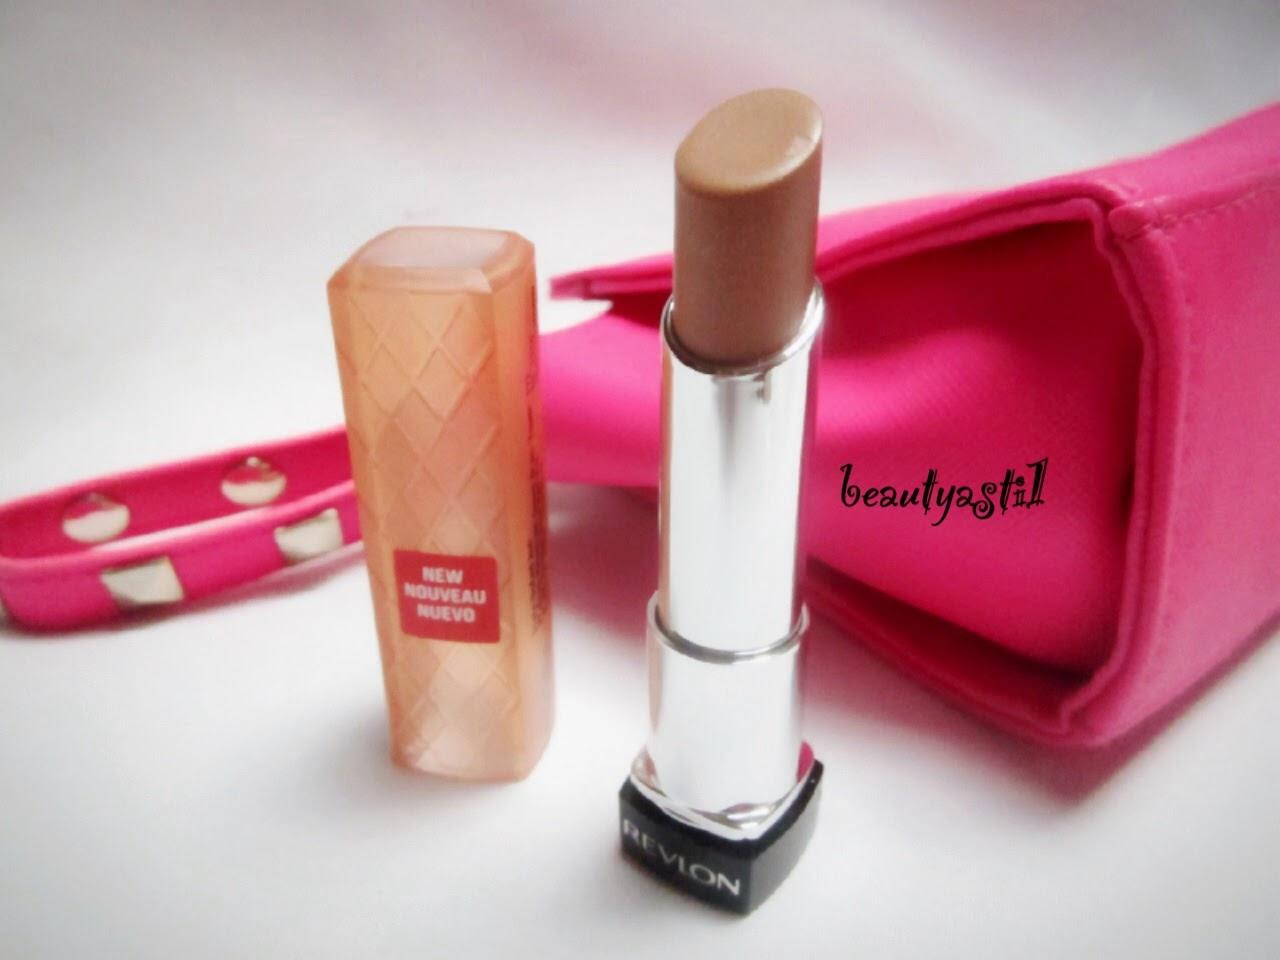 revlon-colorburst-lip-butter-095-creme-brulee-price.jpg